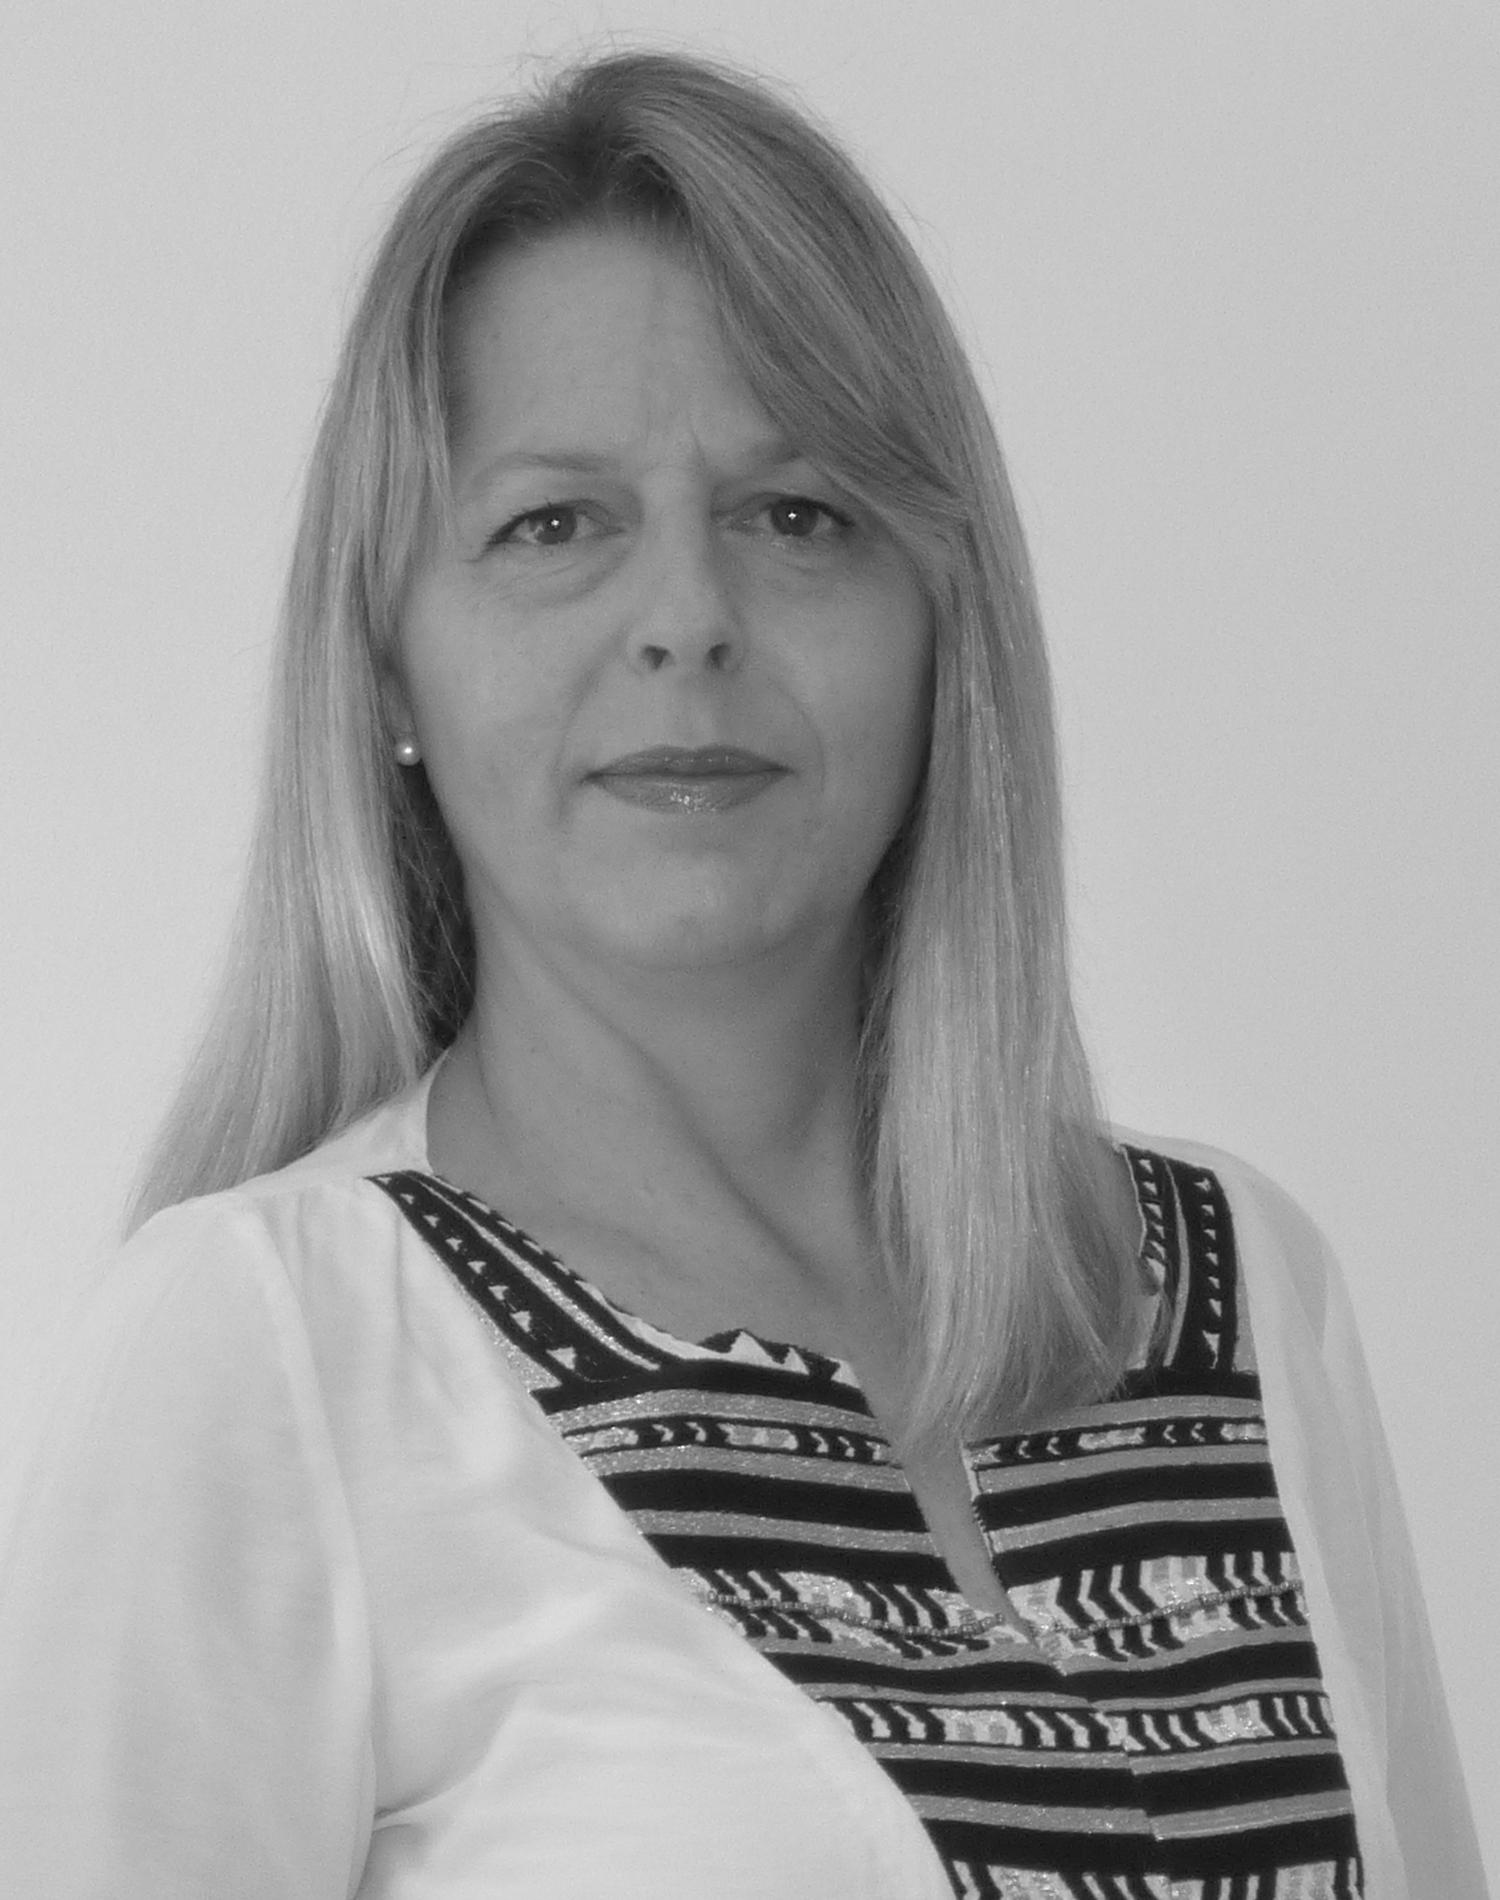 Claudia Storandt